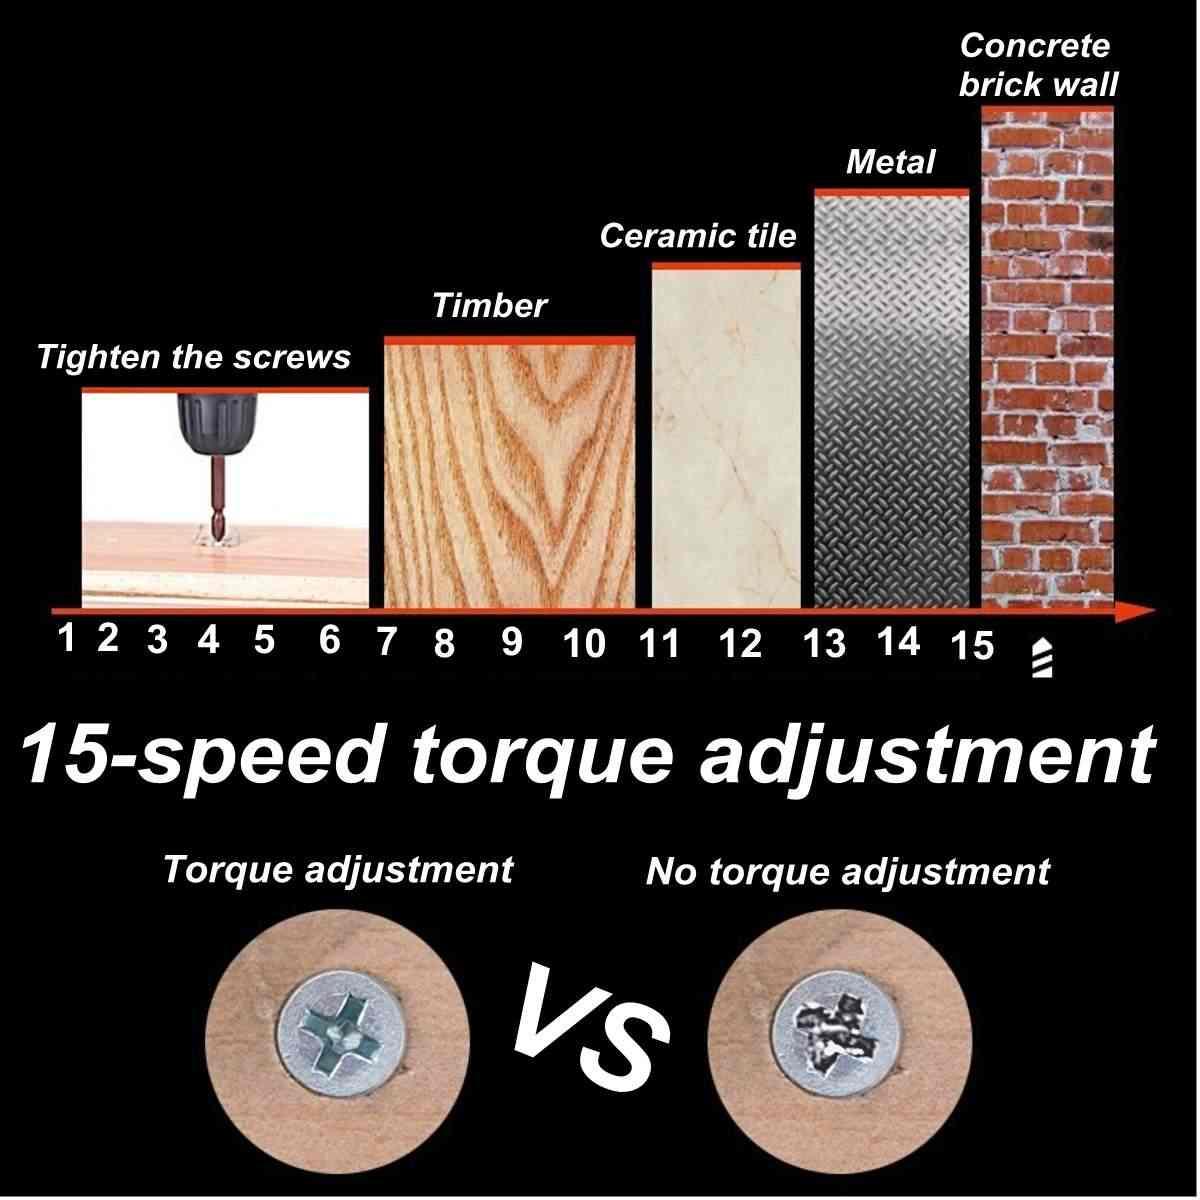 مفك كهربائي منزلي 36 فولت بحد أقصى مثقاب لاسلكي بطارية ليثيوم مثقاب يدوي لاسلكي قابل لإعادة الشحن أداة حفر كهربائية ذاتية الصنع